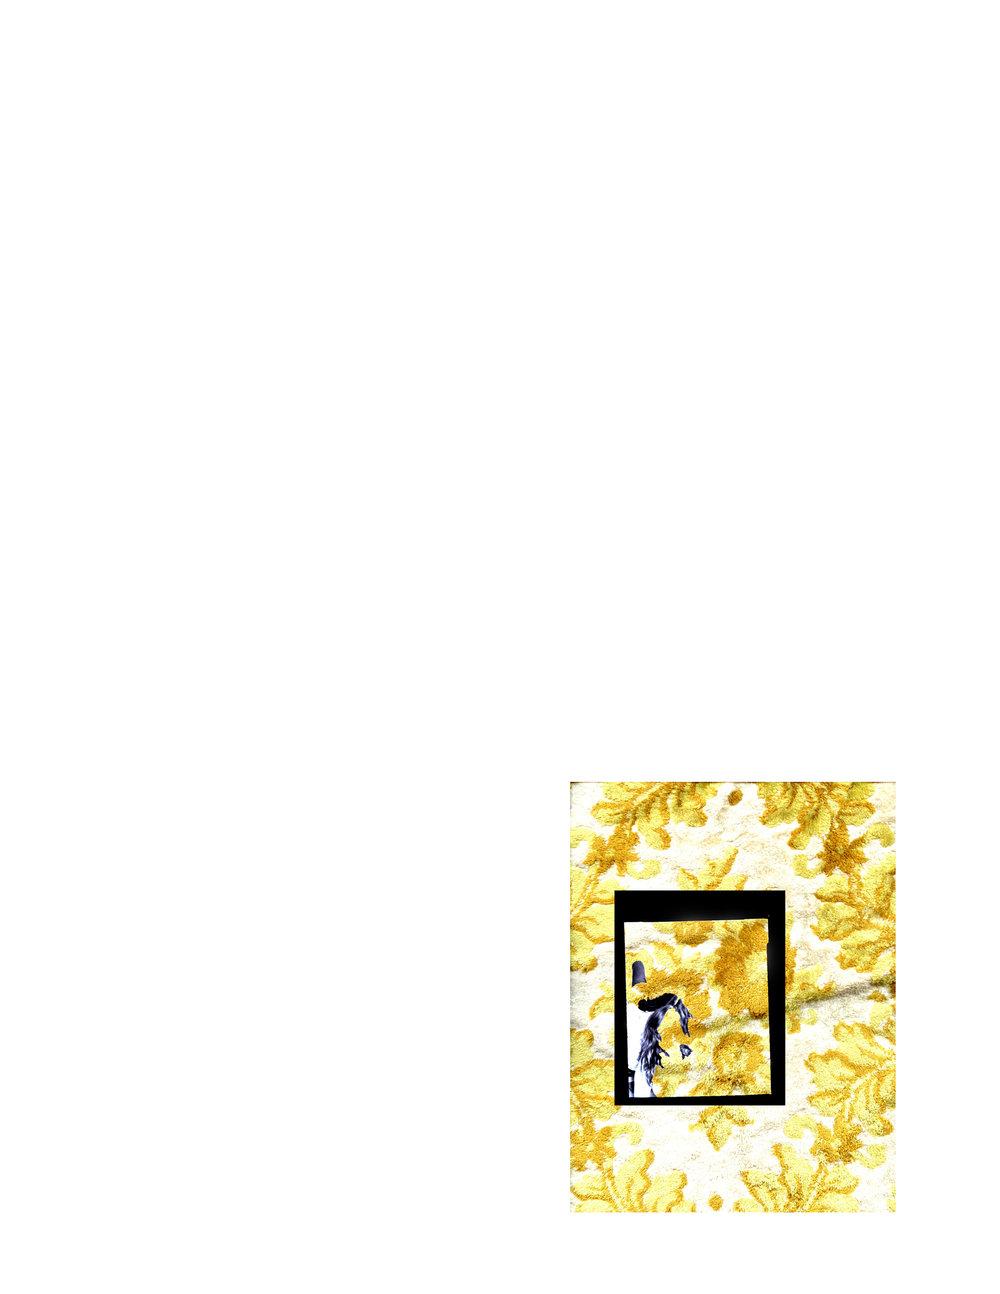 Binder1-jpg_Page_28.jpg